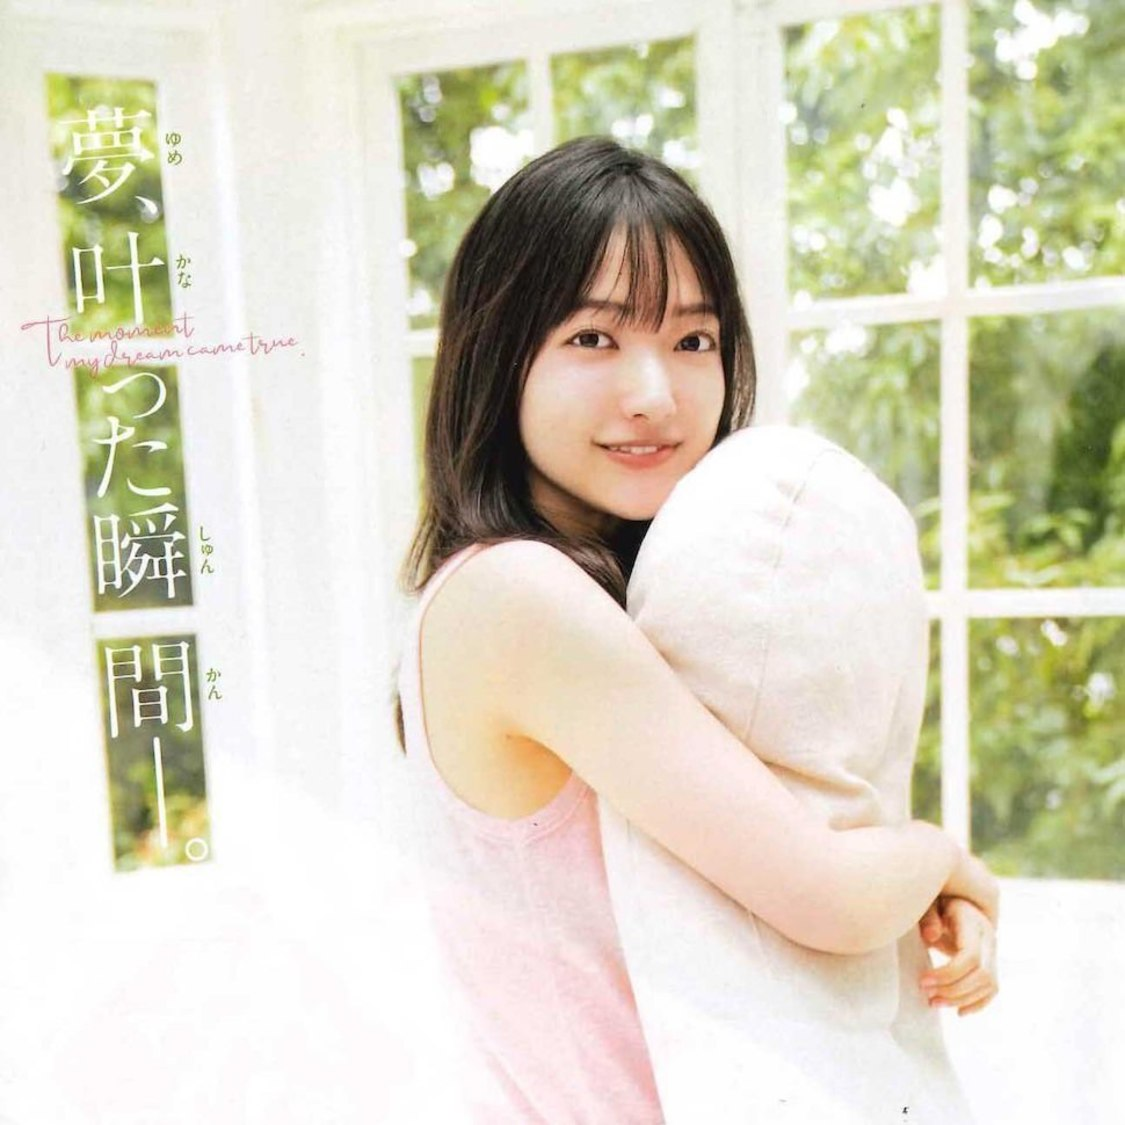 櫻坂46の画像 p1_26